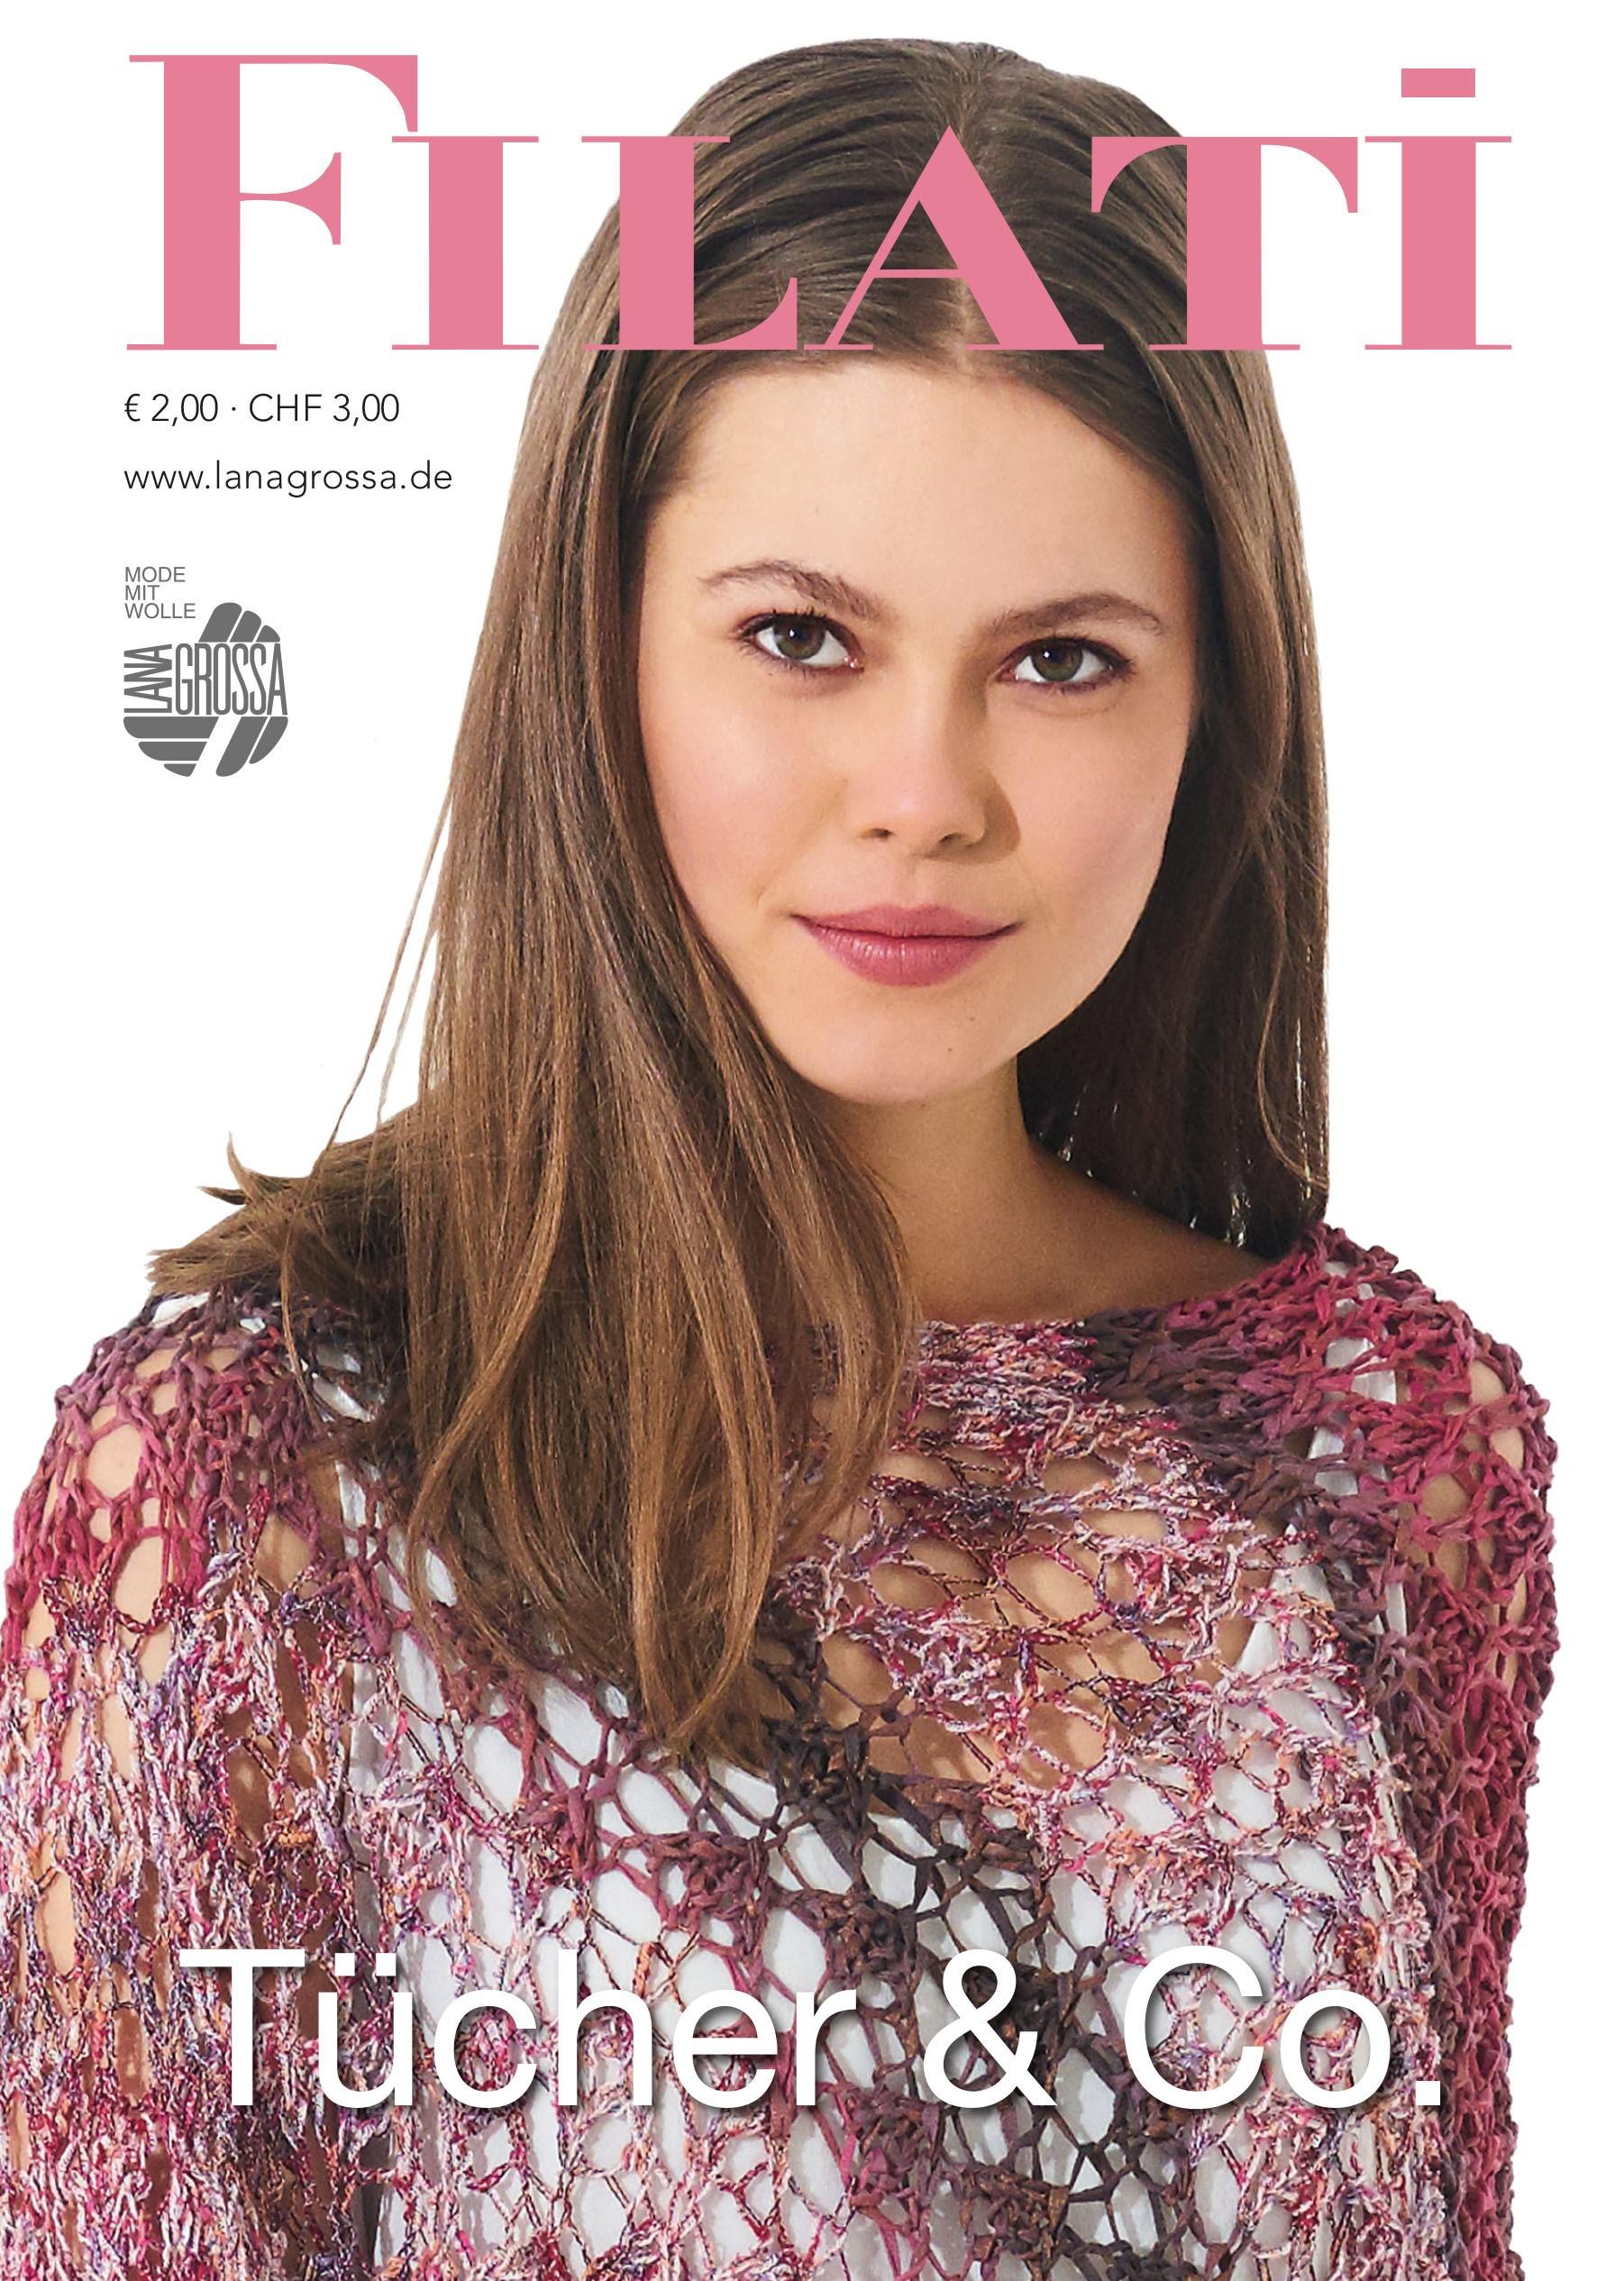 Lana Grossa FILATI Tücher & Co. - Tijdschrift (DE) + Breibeschrijvingen (NL)